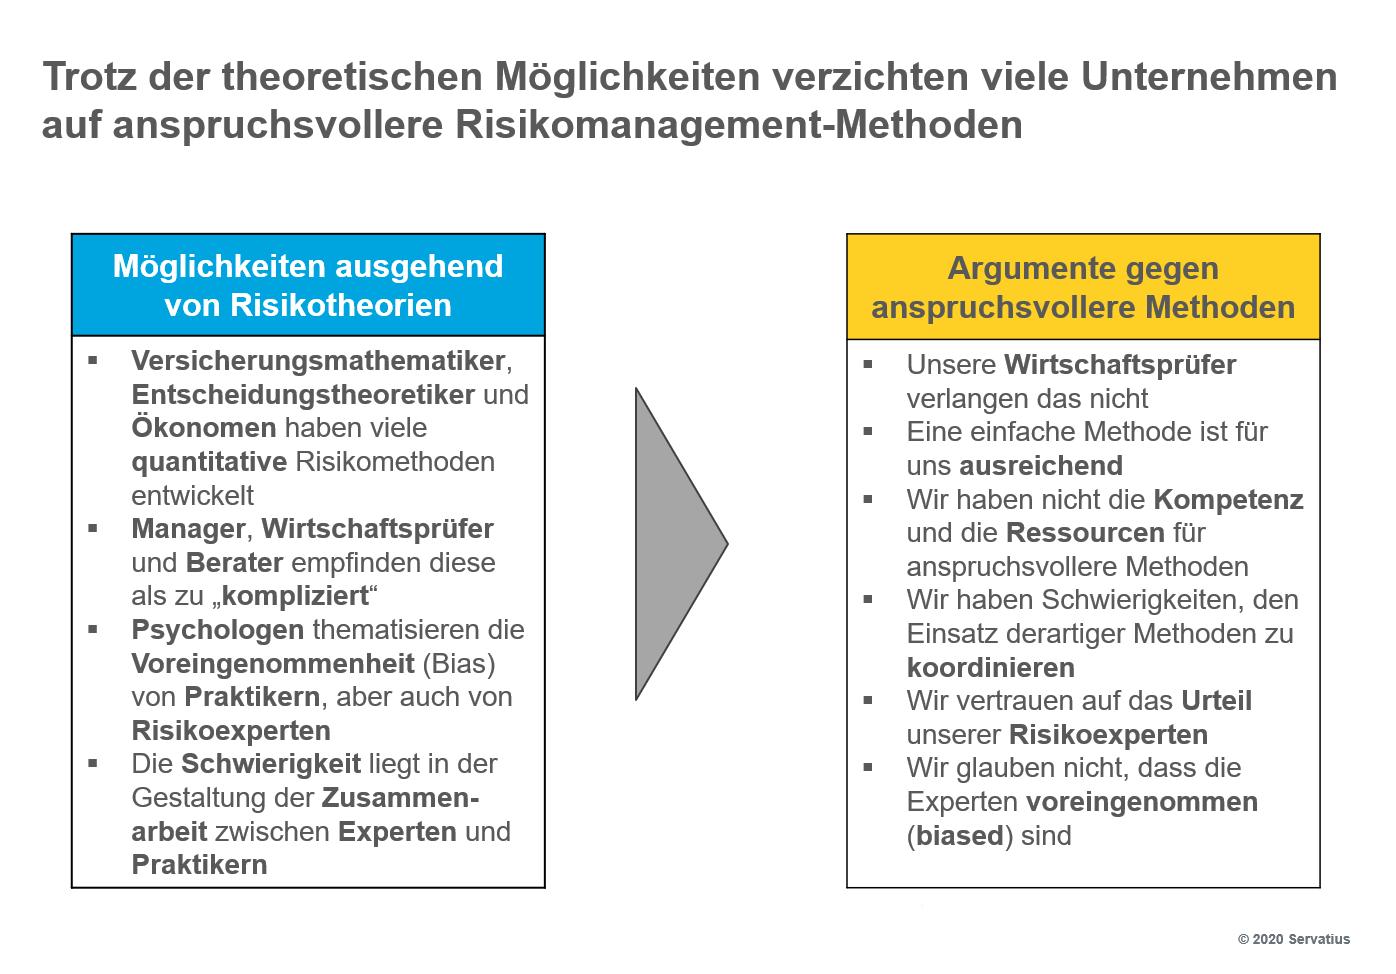 Vor- und Nachteile Risikomanagement-Methoden